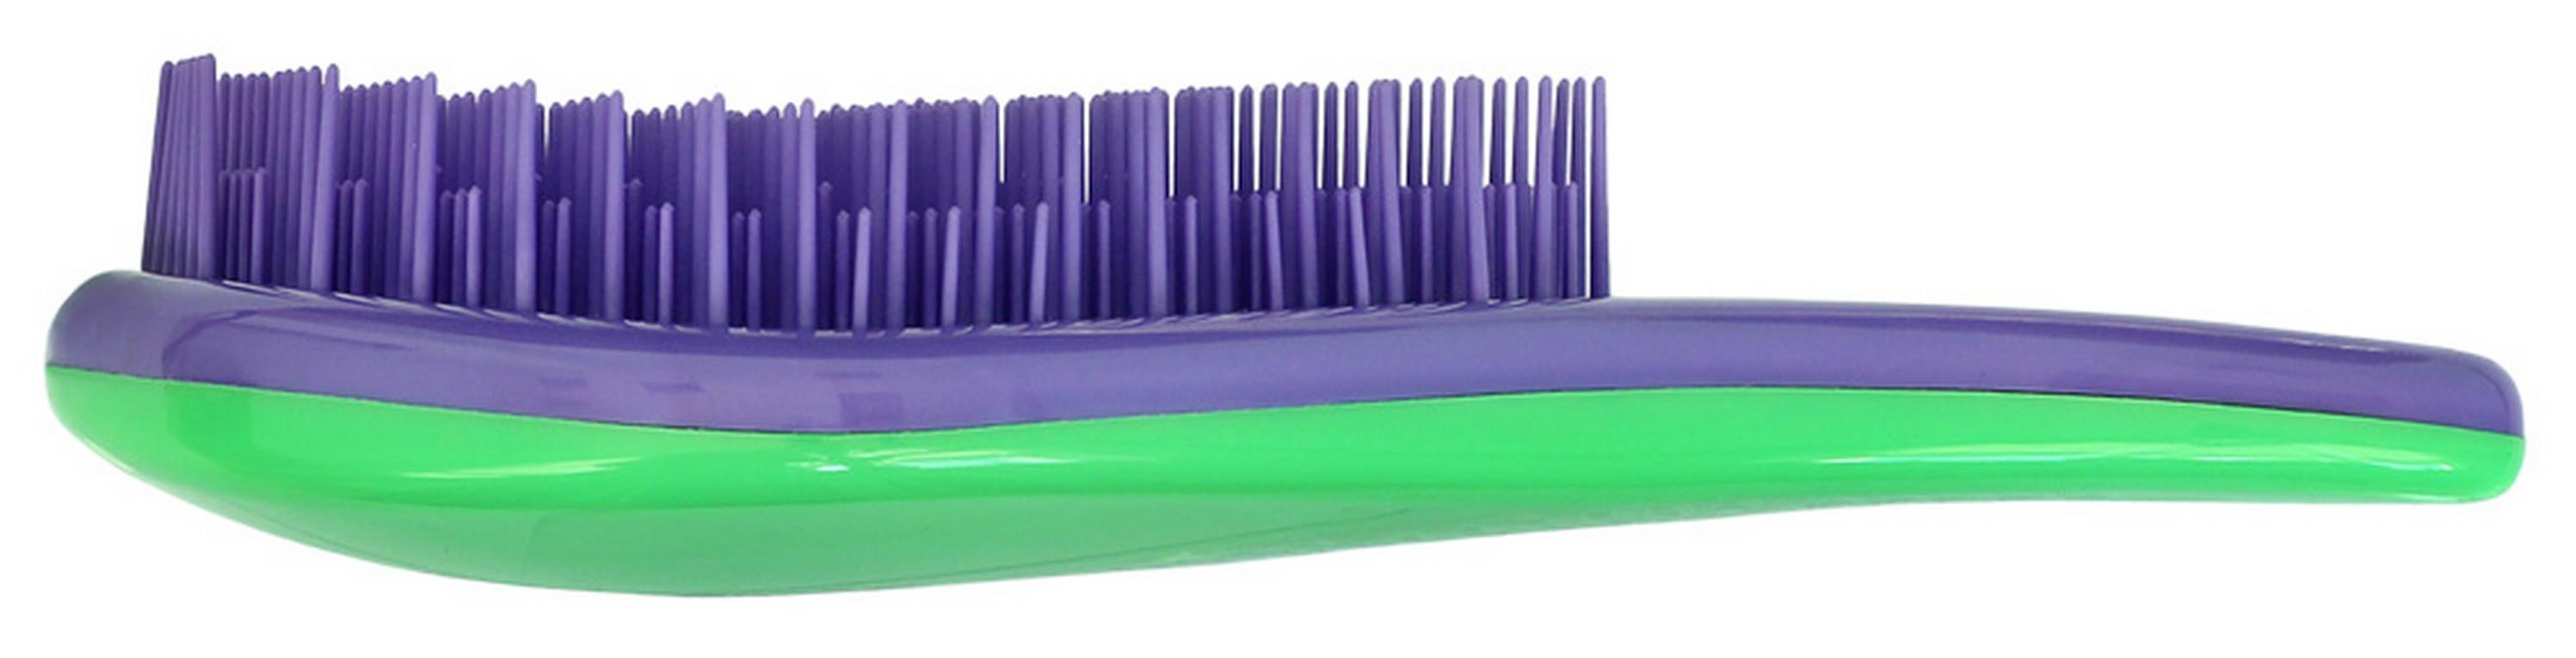 Щетка для волос для распутывания волос Detangler фиолетовый/зеленыйMP59.4DСпециально созданная щетка для волос для того, чтобы справляться с сильно запутавшимися волосами. Уникальная инновационная конструкция гибких зубчиков позволяет безвредно для волос устранить узелки и распутать пряди. Расчёсывает волосы быстро, легко и не требует использования дополнительных средств. Подходит для любого типа волос, включая тонкие, ломкие, кудрявые и жёсткие волосыНаличие ручки делает удобным расчесывание, а слегка изогнутая форма щетки в виде капли отлично лежит в руке и не выскальзывает, что особенно важно при расчесывании влажных волос. Уникальные зубчики щетки Clarette Detangler имеют повышенную гибкость и мягко преодолевают любое препятствие в волосах. Зубчики у расчески очень короткие и легкогнутся. При расчесывании они пропускают сквозь себя пряди любой длины и фактуры, не цепляя их и не «скатывая» в колтуны. Высококачественный упругий пластик, из которого сделаны зубчики расчески, не царапает кожу головы, а мягко воздействует на нее, обеспечивая массажный эффект.